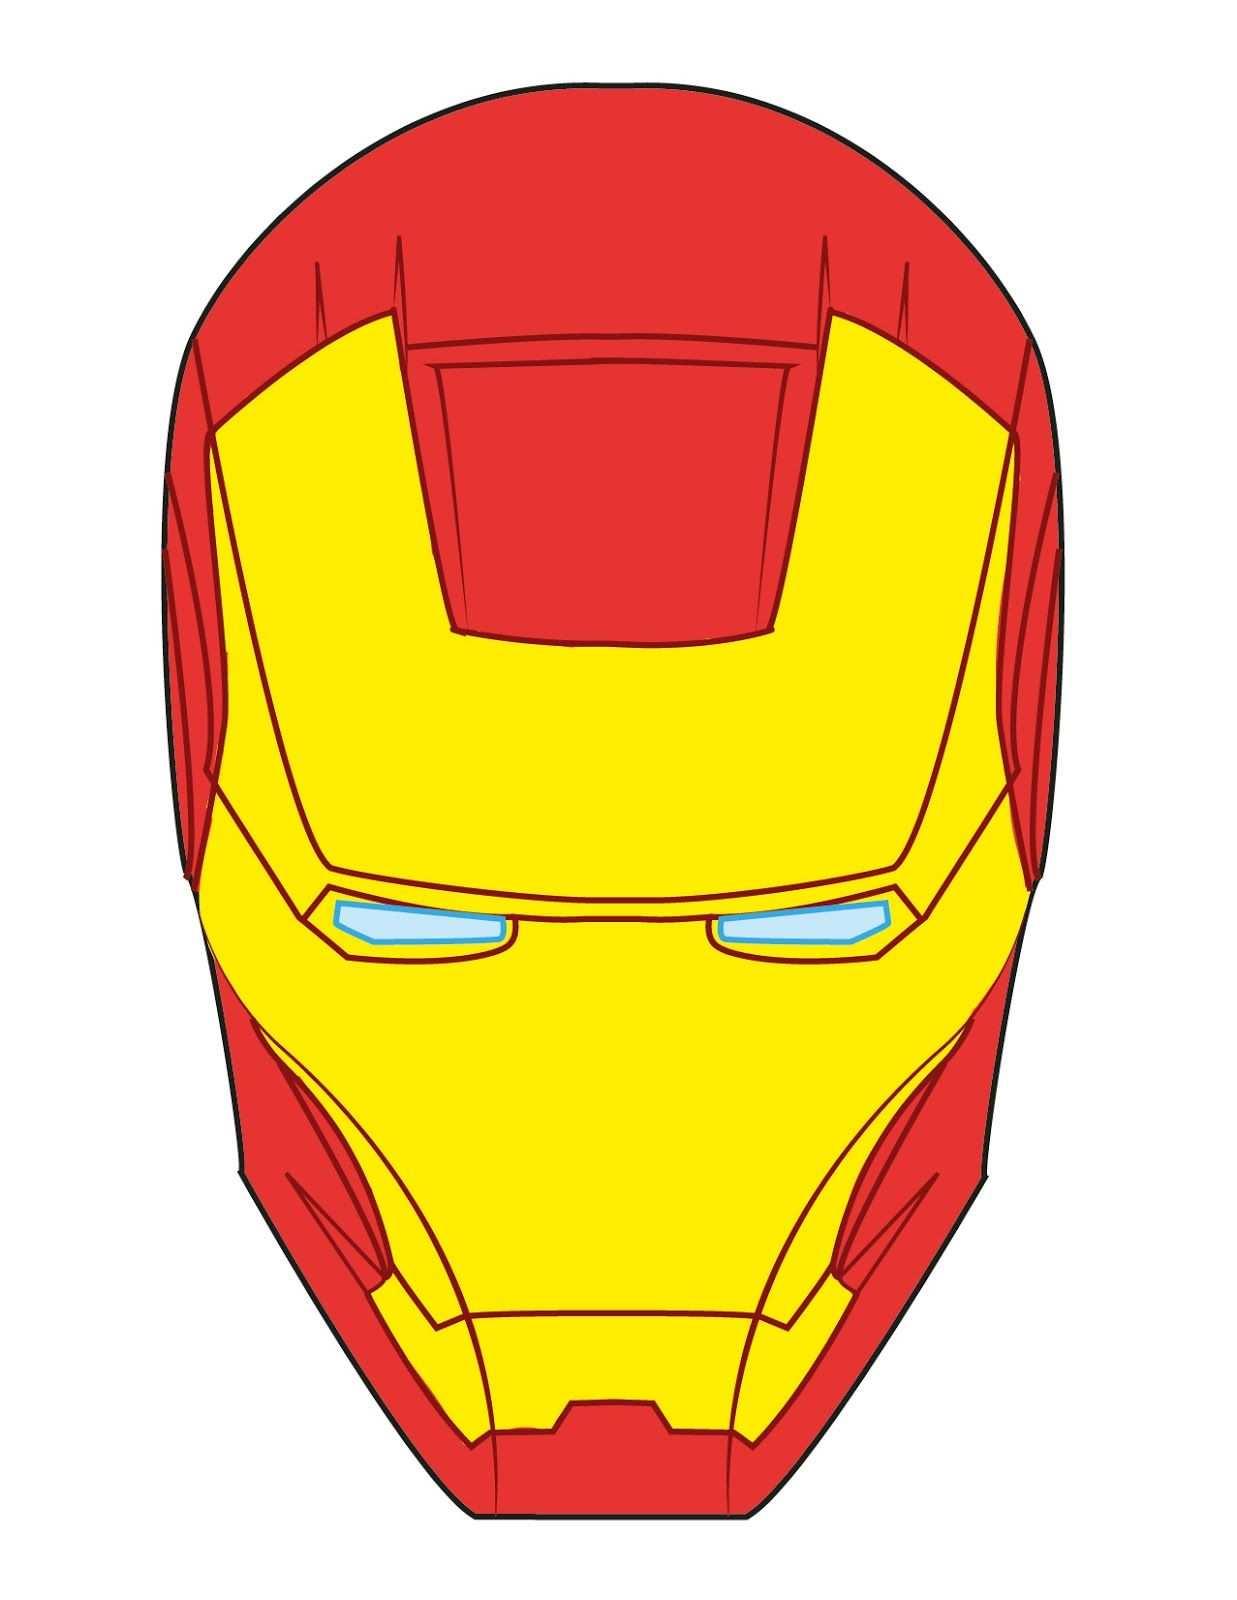 Ironman Mask Jpg 1237 1600 Gesichtsschablone Iron Man Geburtstag Masken Basteln